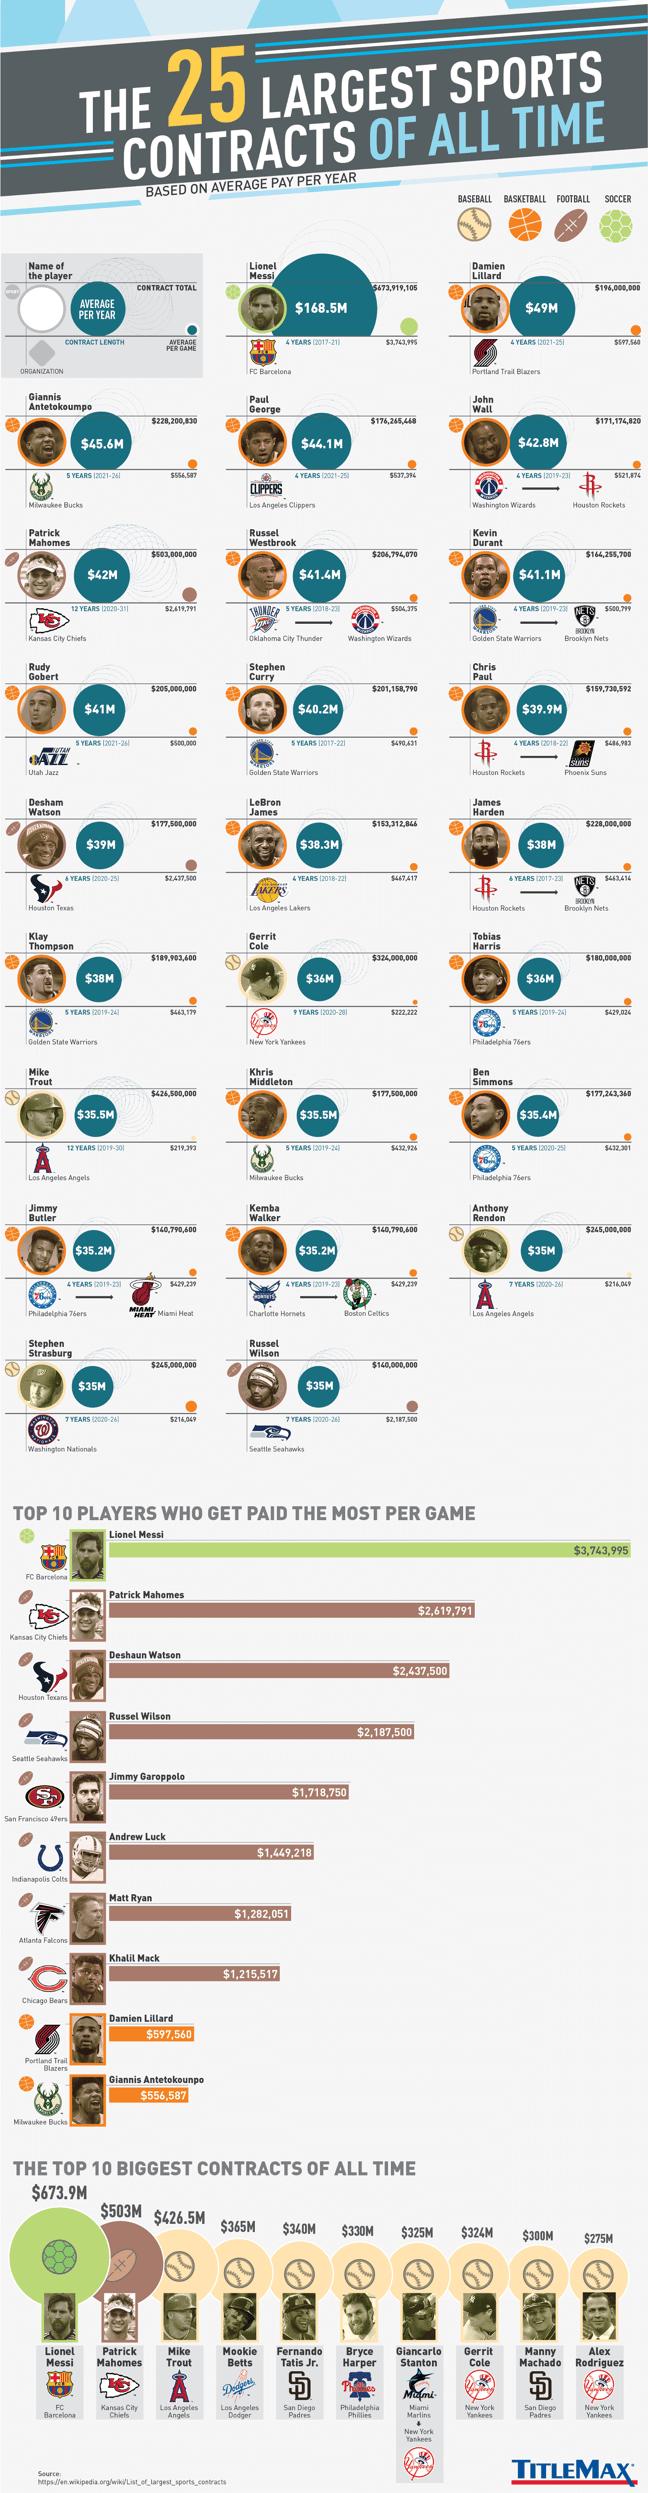 Daftar 25 kontrak termahal atlet dunia, Lionel Messi langkahi semua atlet ternama di Amerika Serikat! sumber: Sportbible dan Title Max